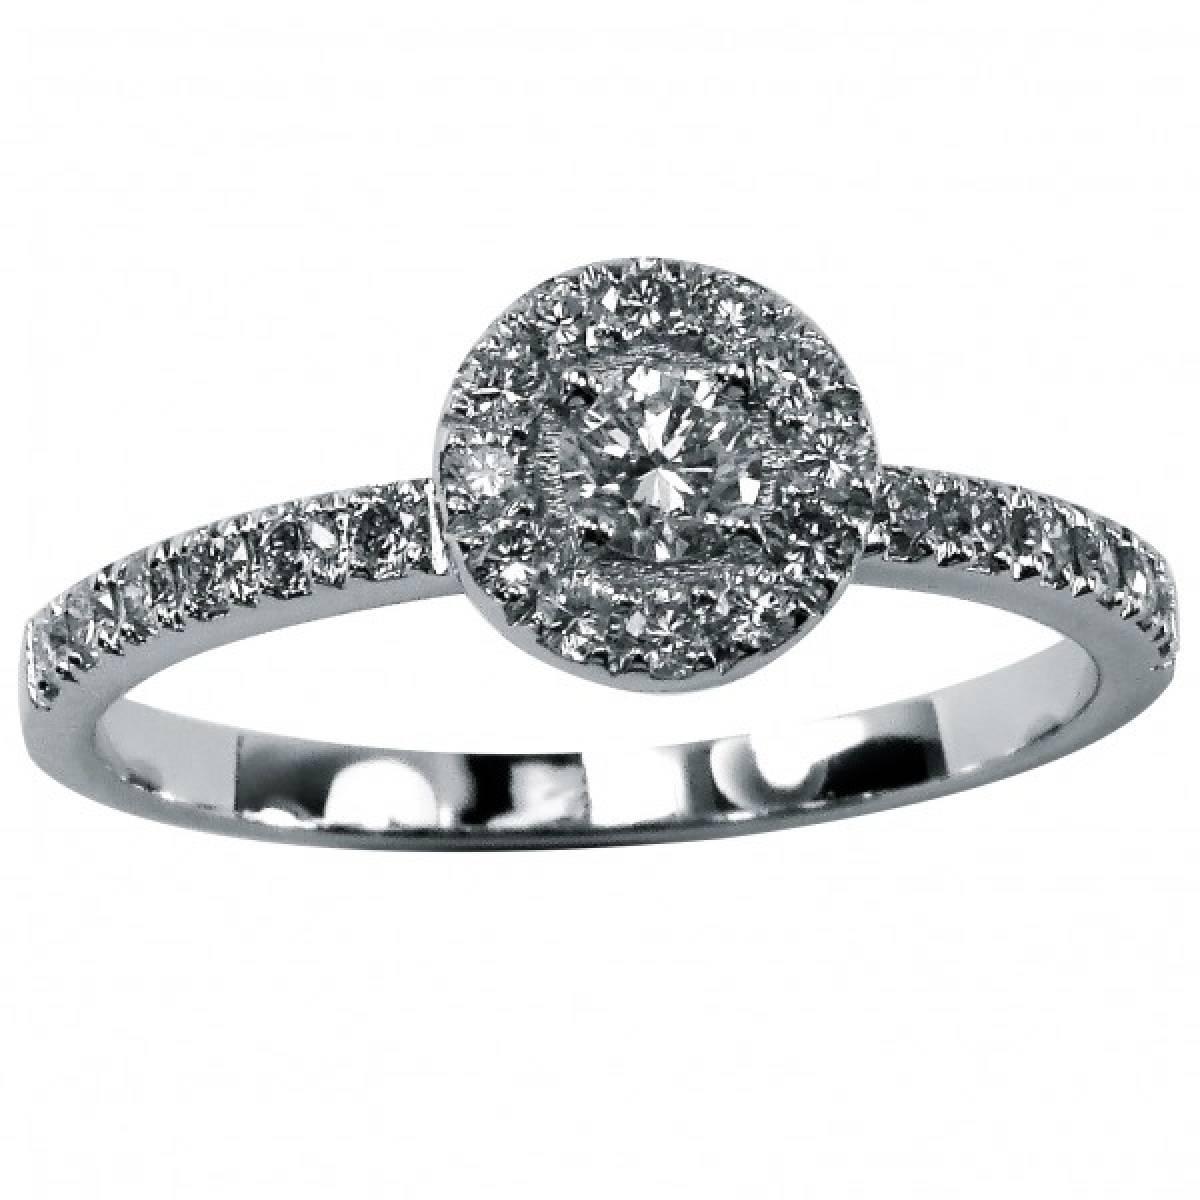 Anel de Noivado com diamantes ou zircónias, em ouro de 9 e 19 kts